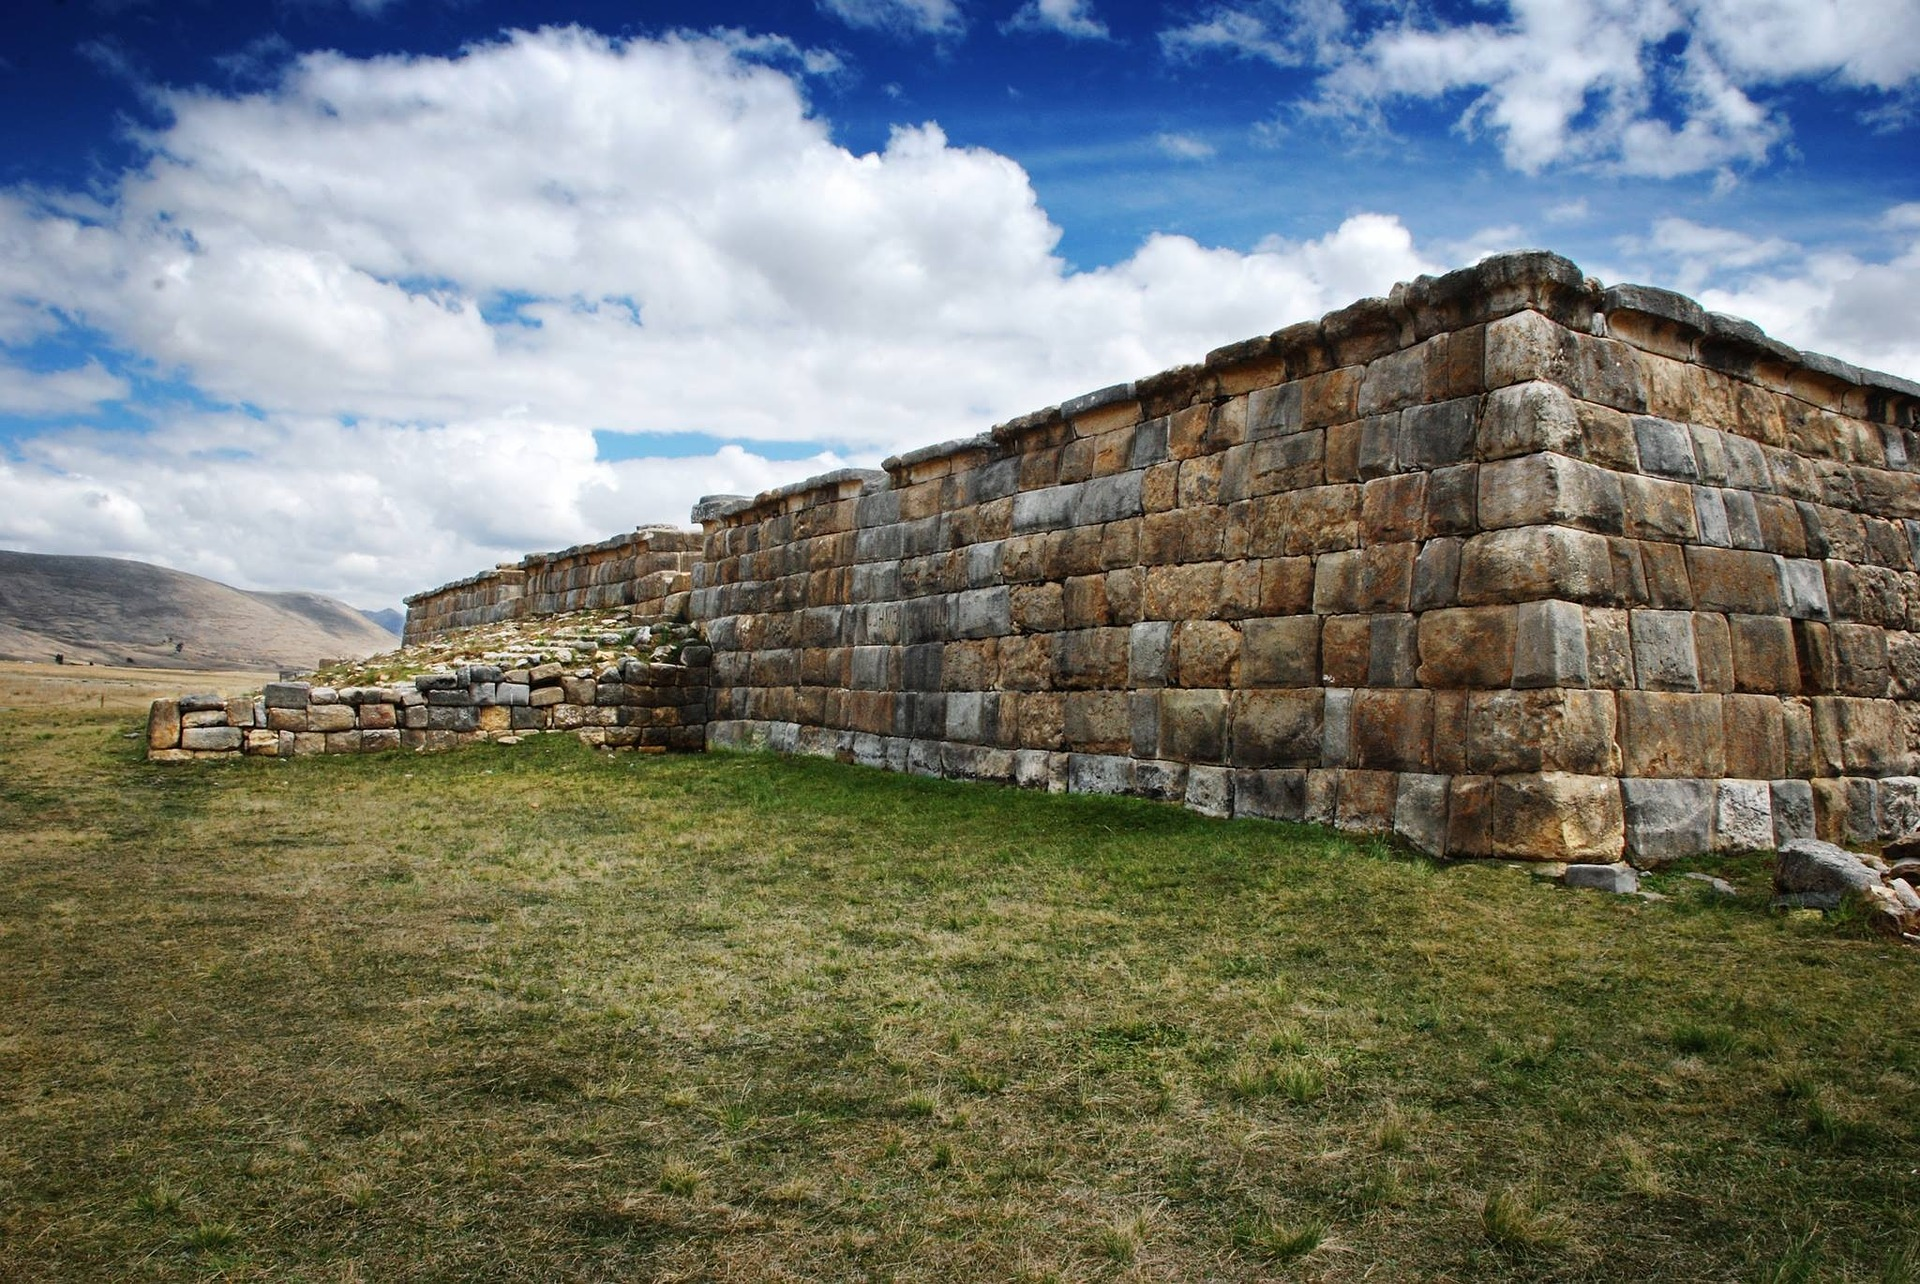 O turista que visita o Peru encontrará natureza abundante pontilhada de importantes sítios históricos